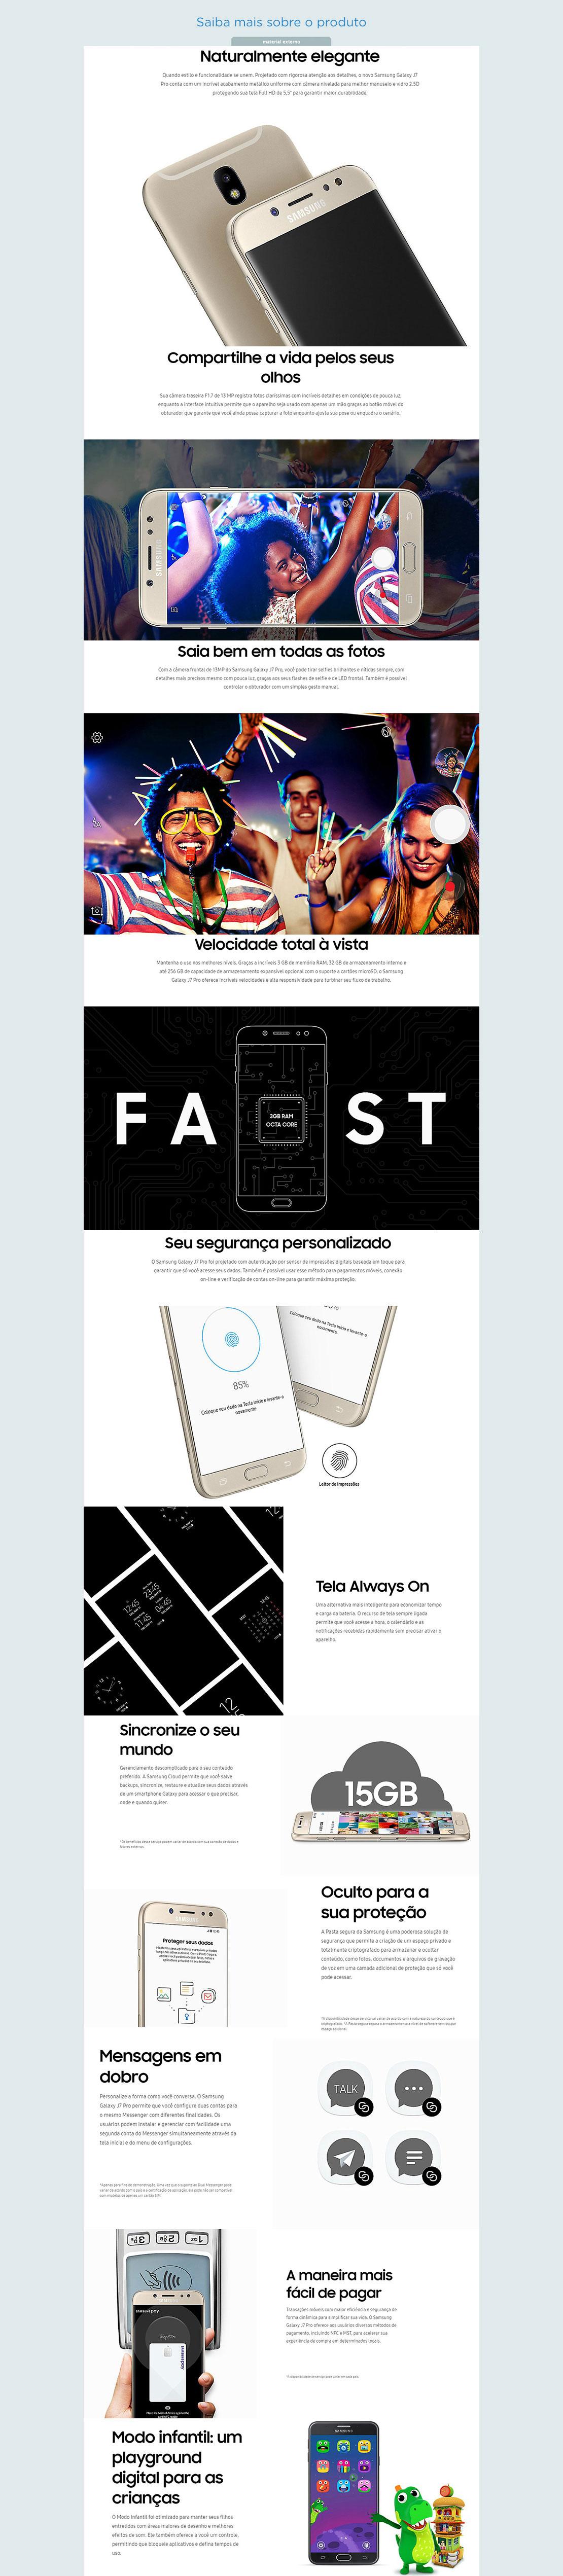 7b9e389c7d O Samsung Galaxy J7 Pro oferece aos usuários diversos métodos de pagamento